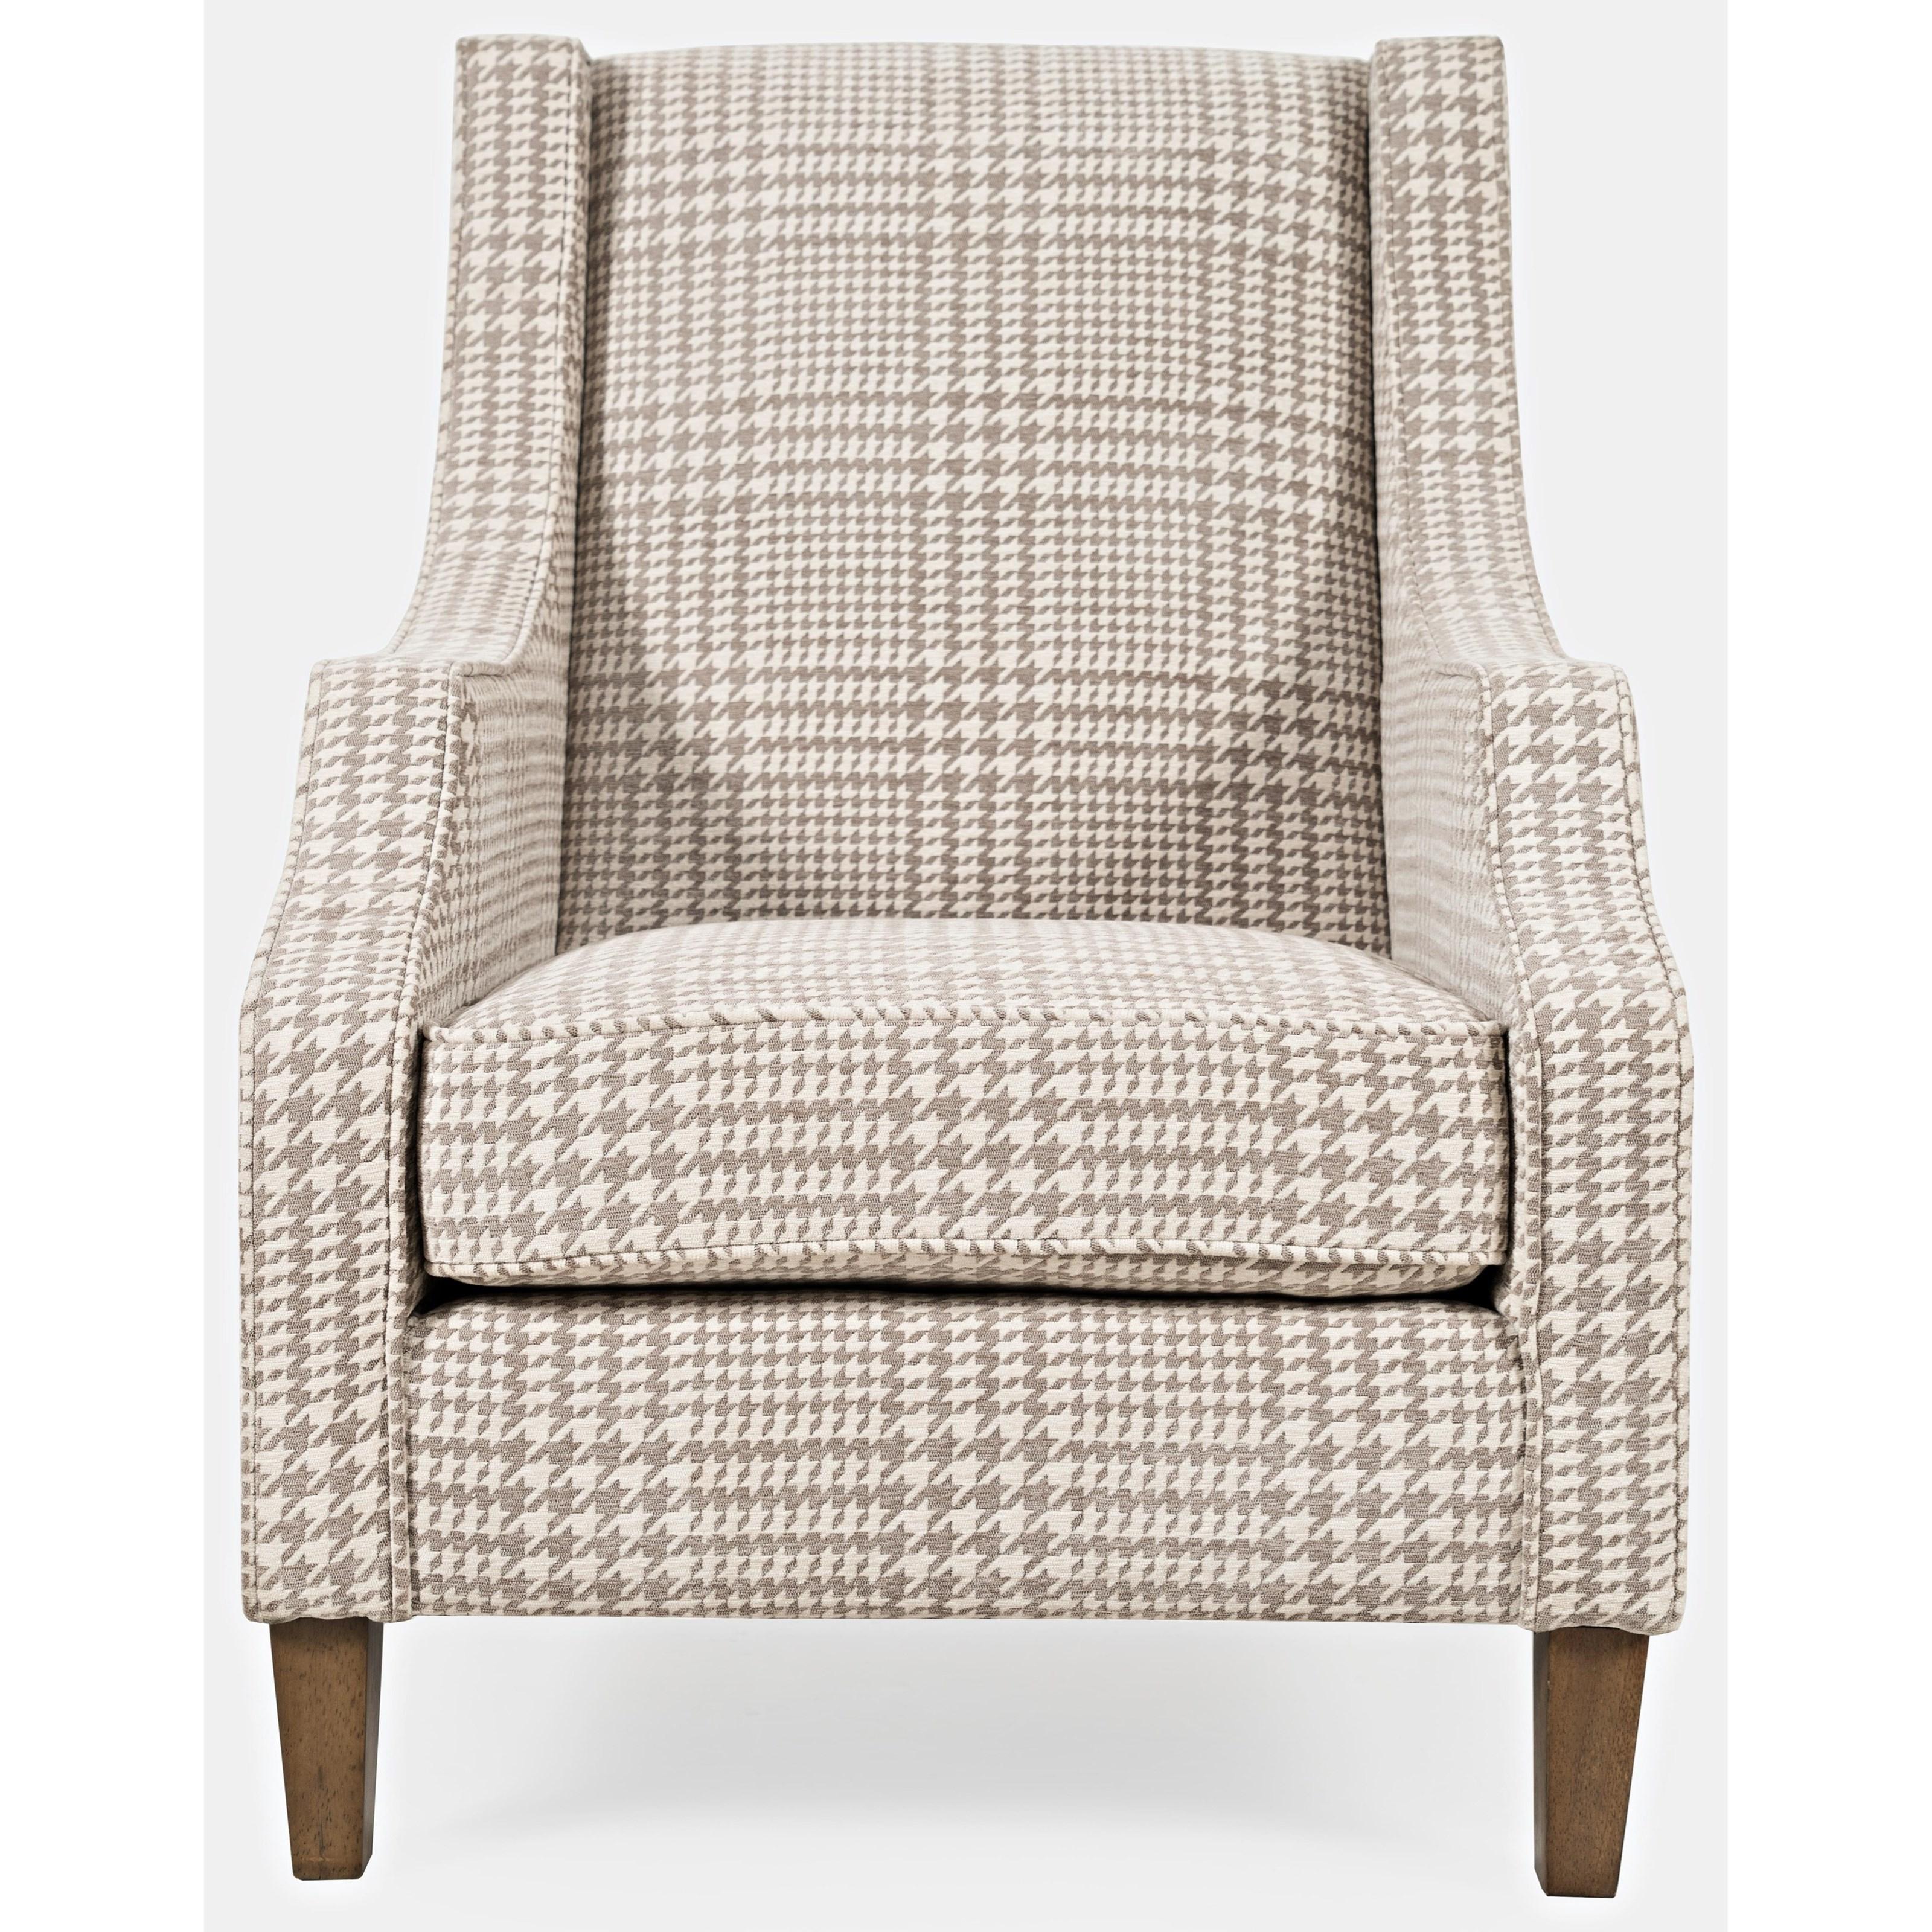 Maxwell Maxwell Chair by Jofran at Jofran